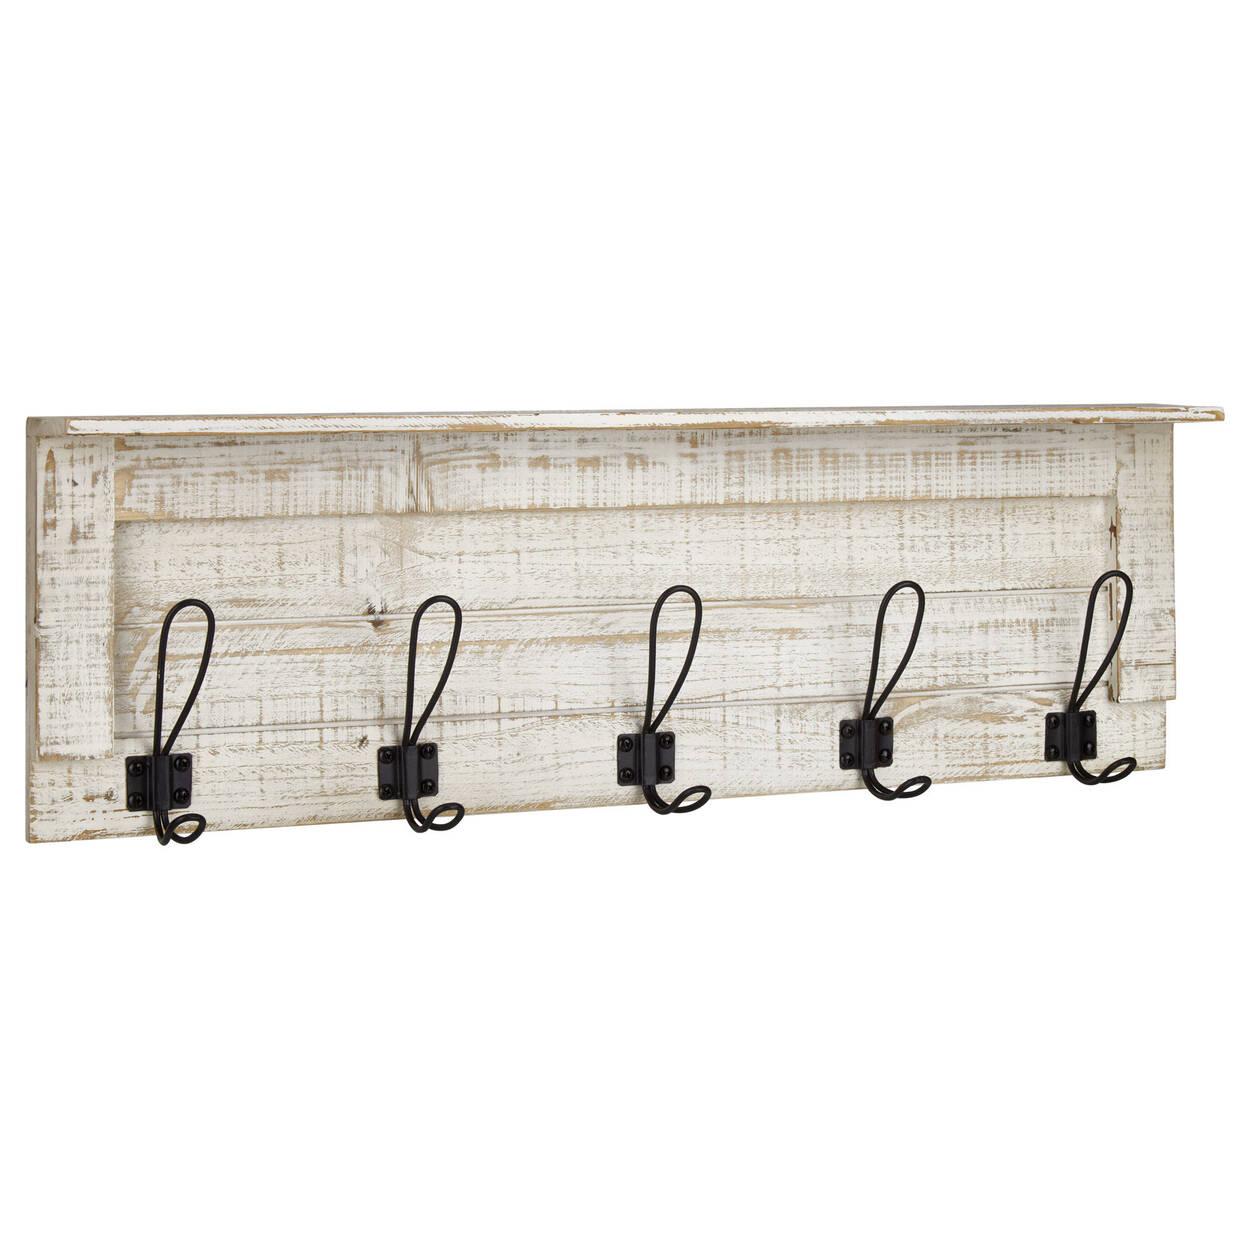 Set of 5 Hooks on Distressed Wood Plaque